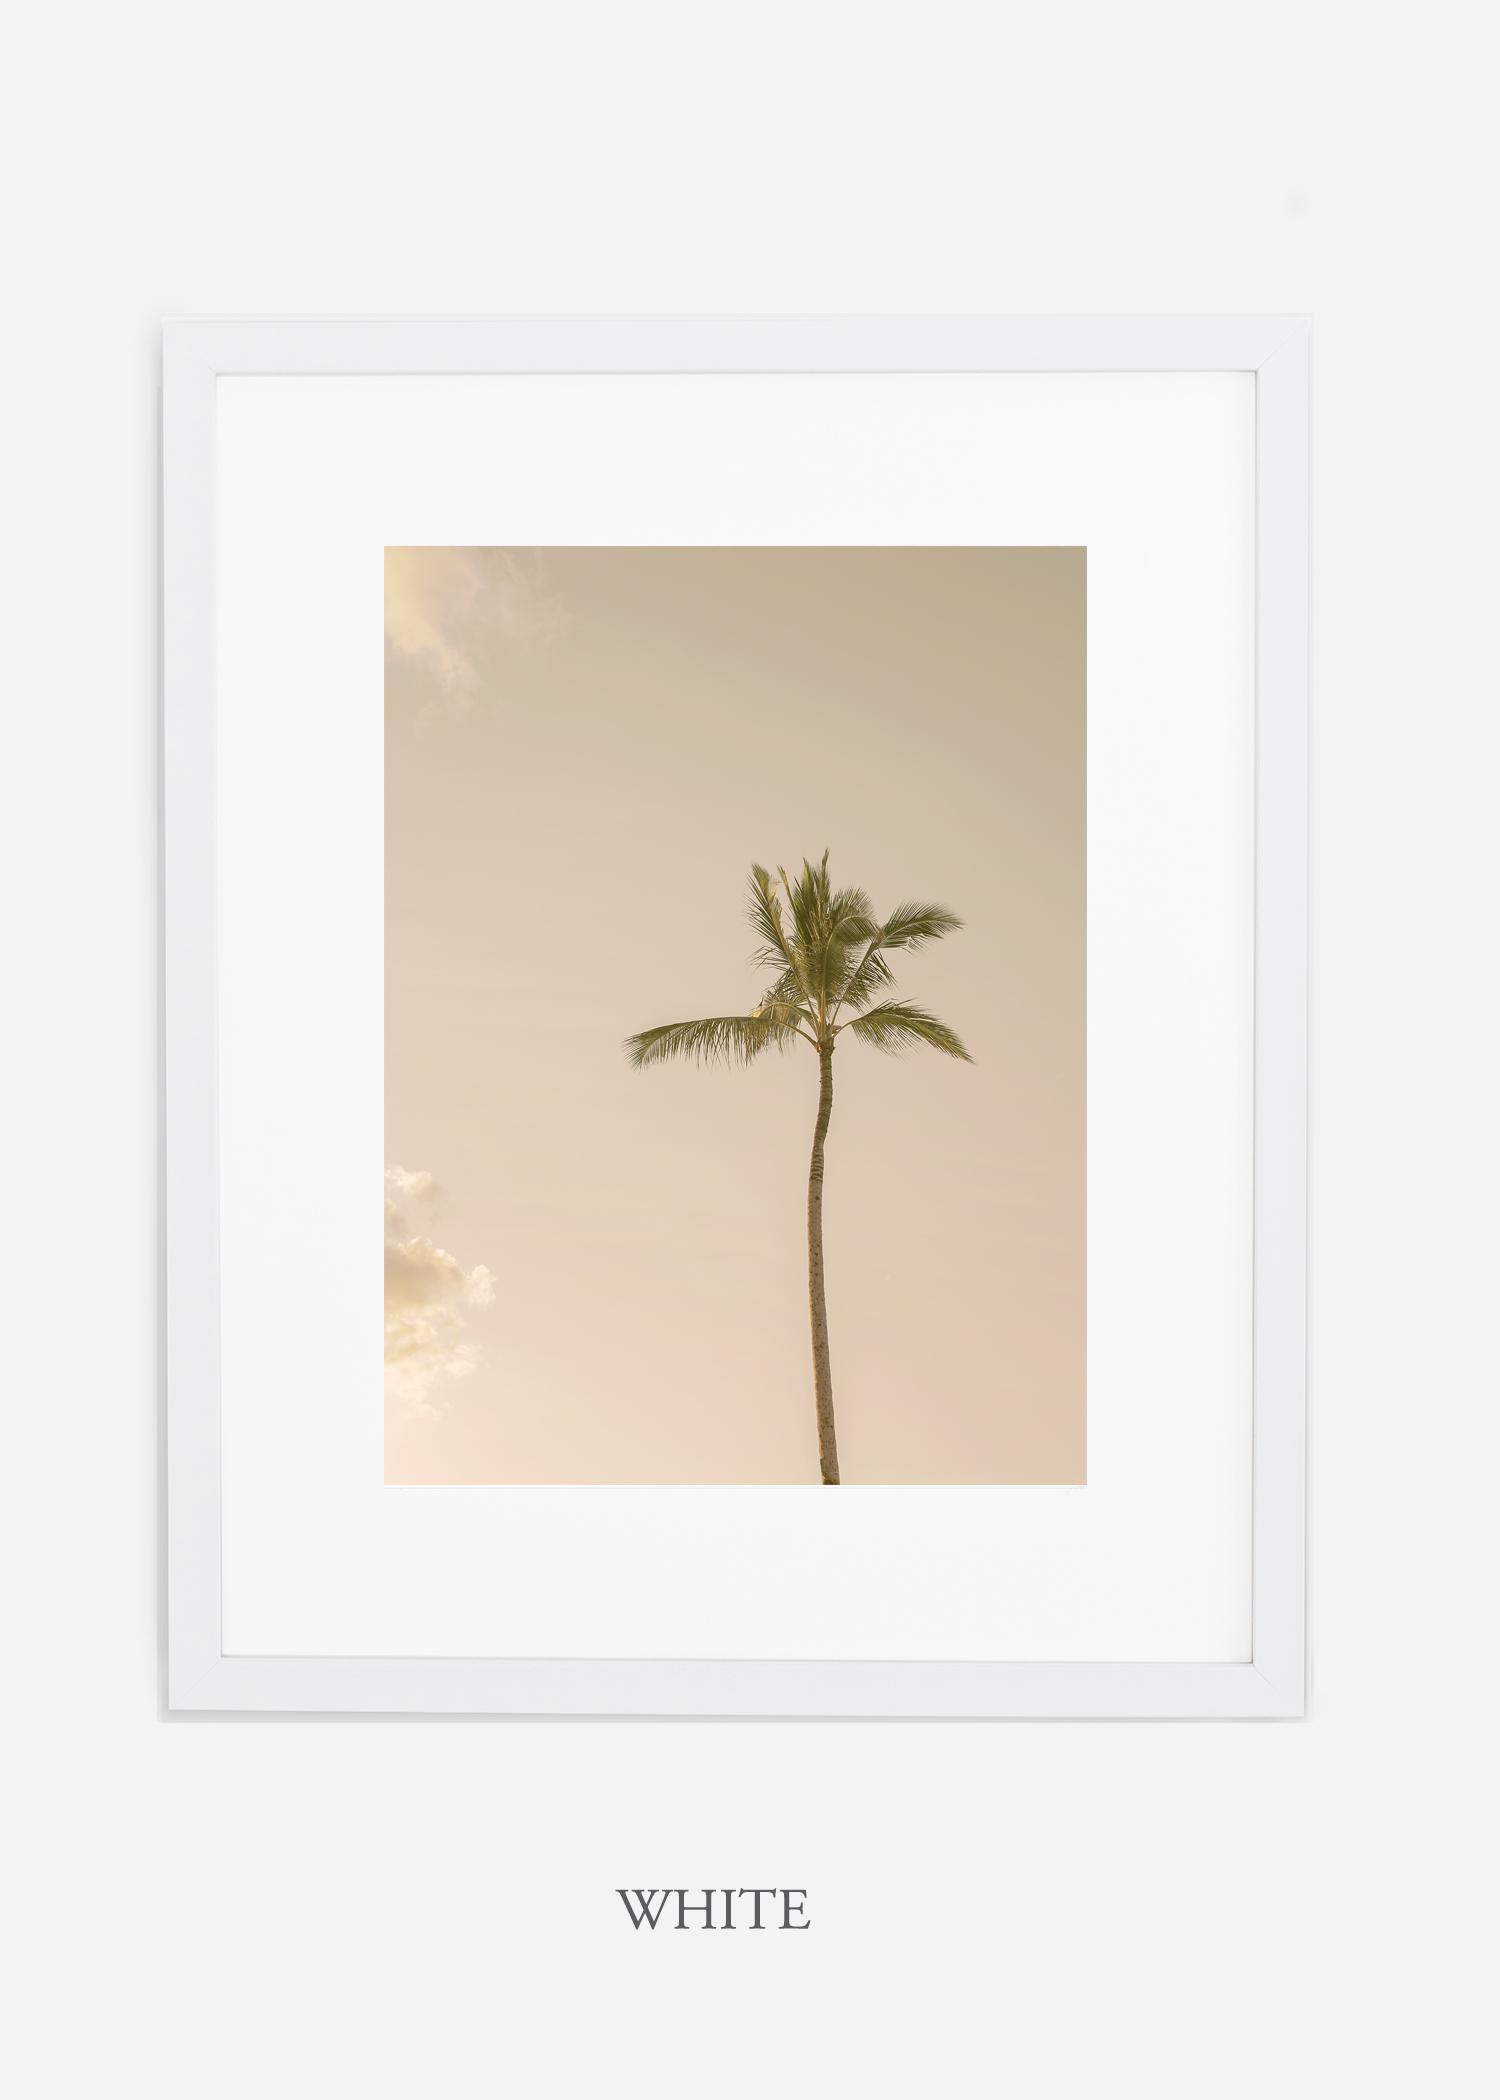 WilderCalifornia_Hawaii_lonepalm_tropicalart_whiteframe.jpg